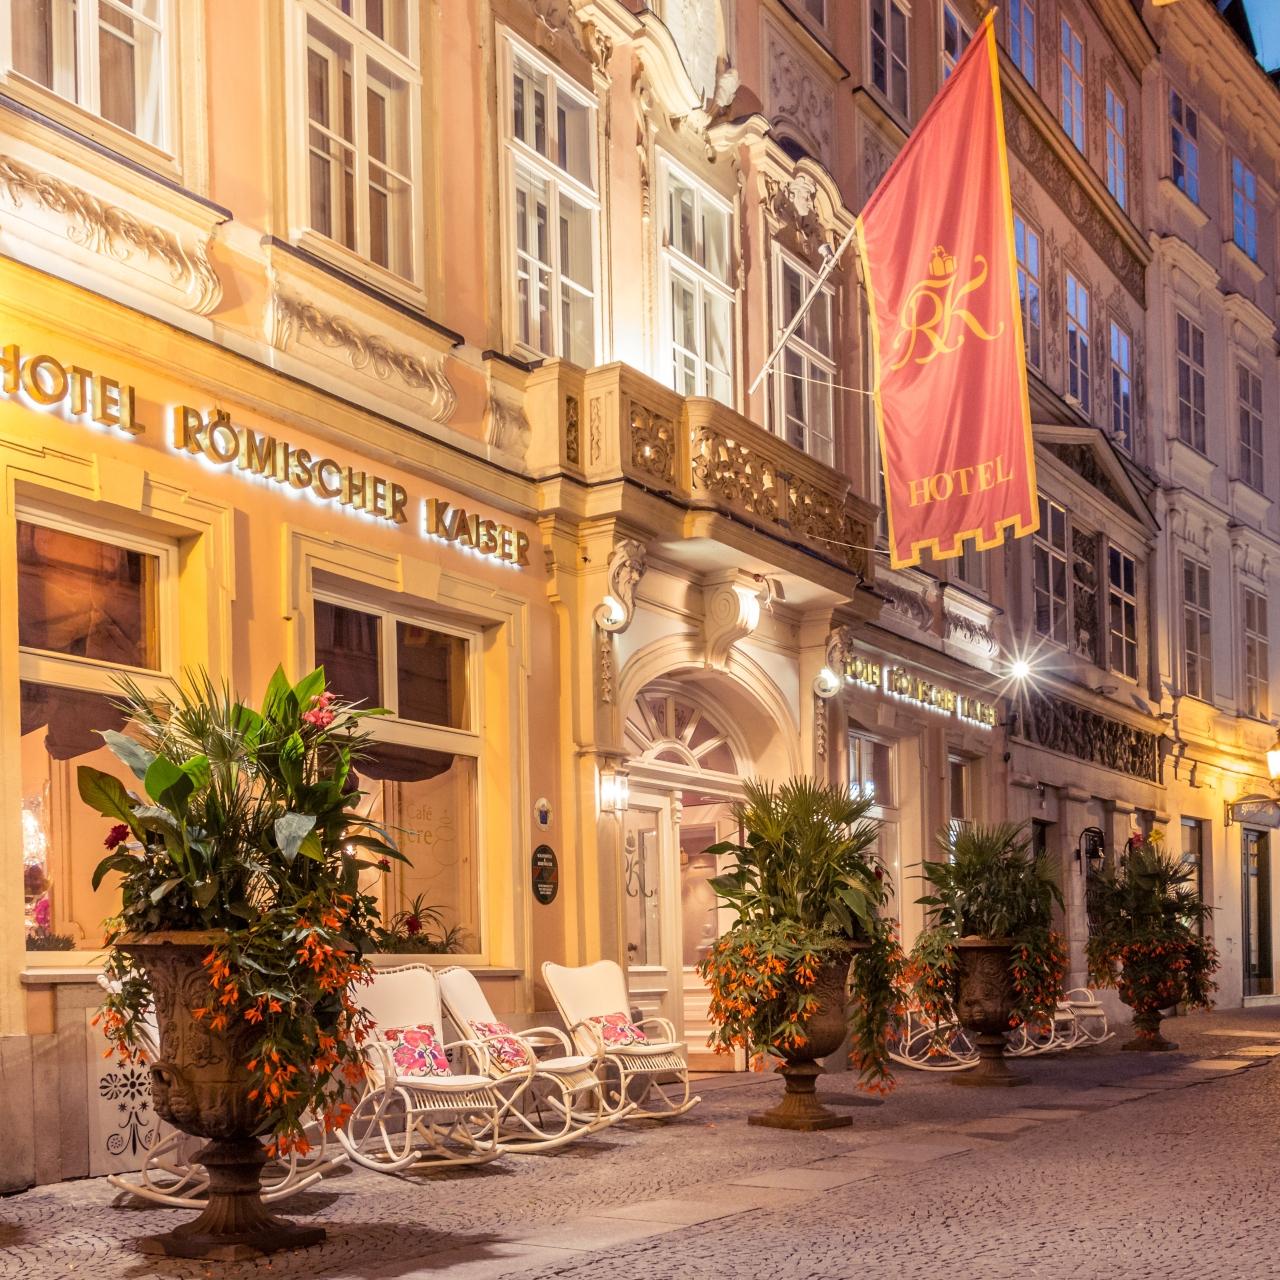 Wien: 4*S Schlosshotel Römischer Kaiser / Deluxe-Doppelzimmer inkl. Frühstück & Late-Check-Out / gratis Storno / bis Dezember 2021